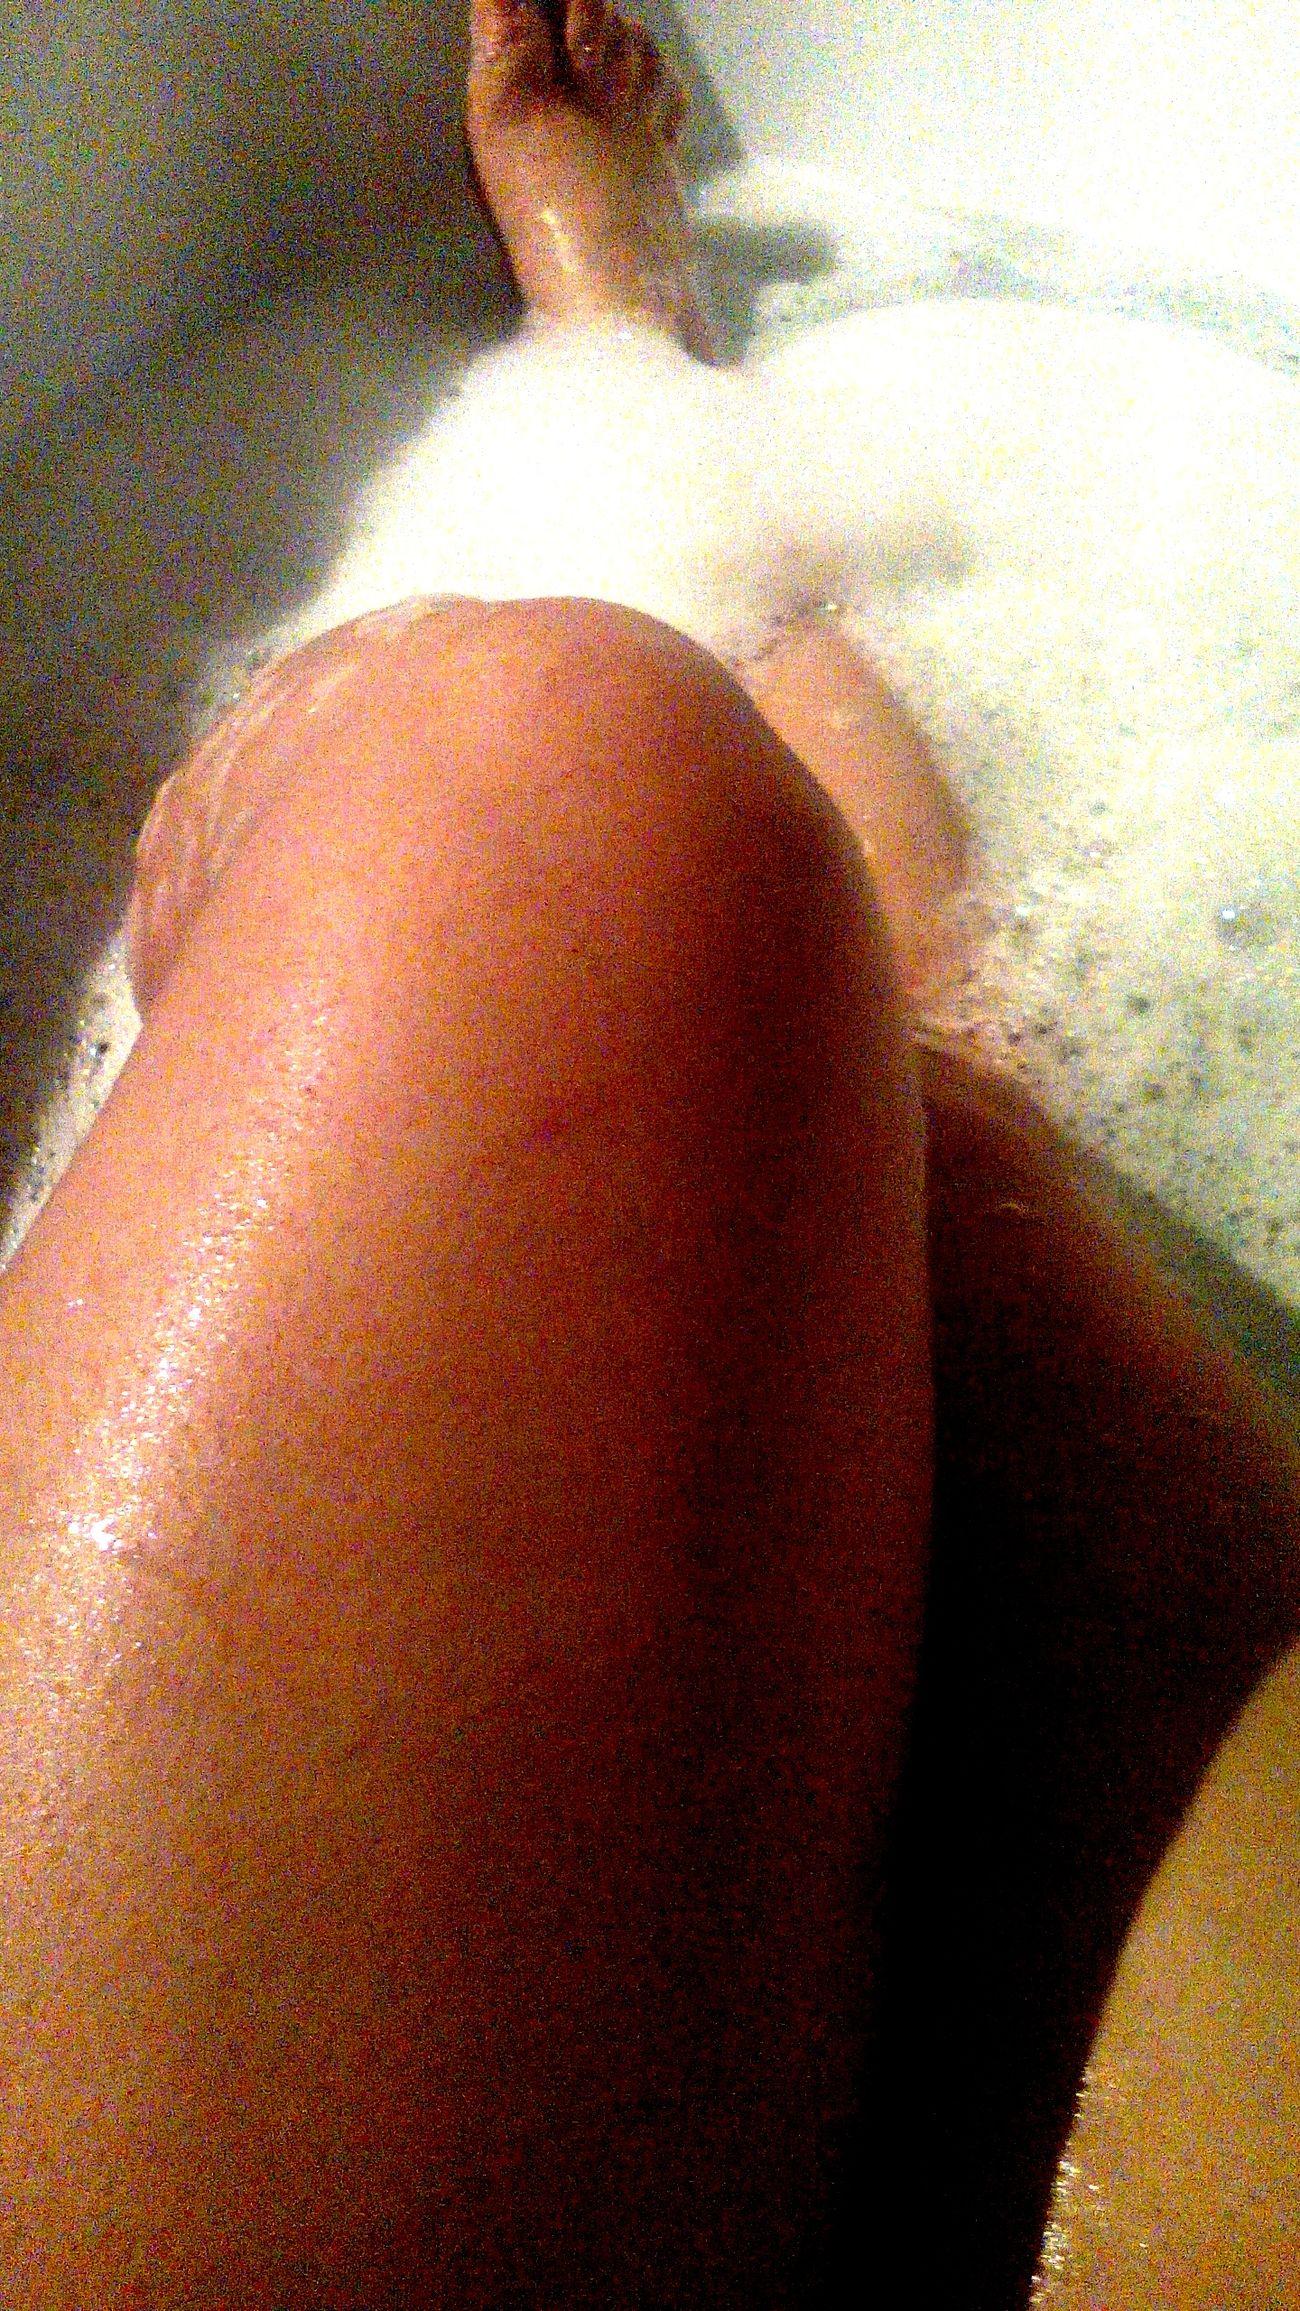 Legs Bath Bathroom Relaxing Moje nóżki i relaks w wannie. Cóż za radość z odpoczynku^^